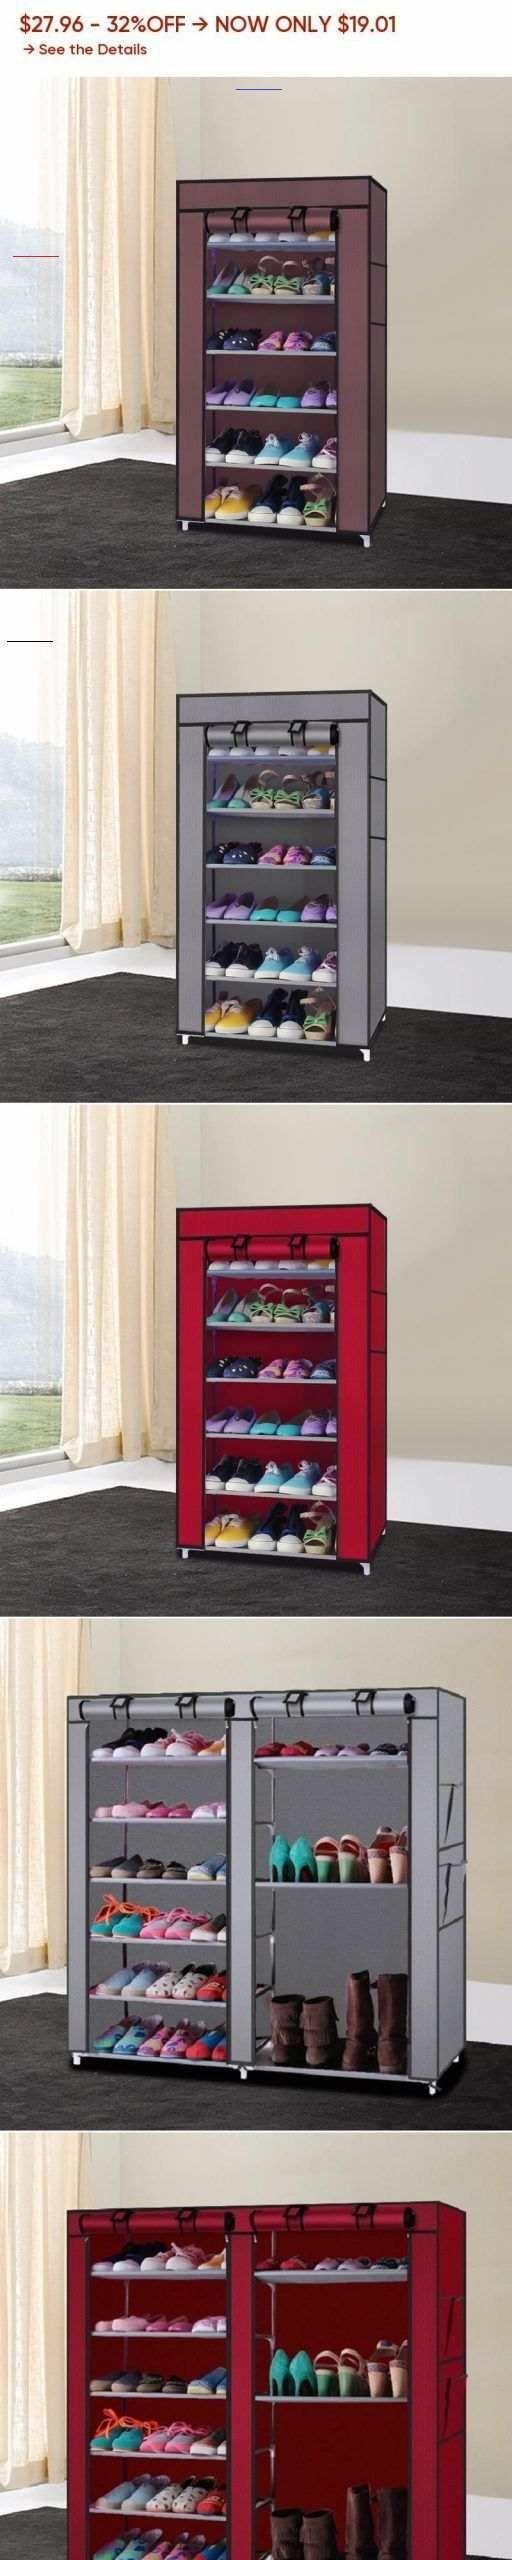 7 Schicht Diy Schuhregal Lagerung Schuhe Veranstalter Schuhmacher